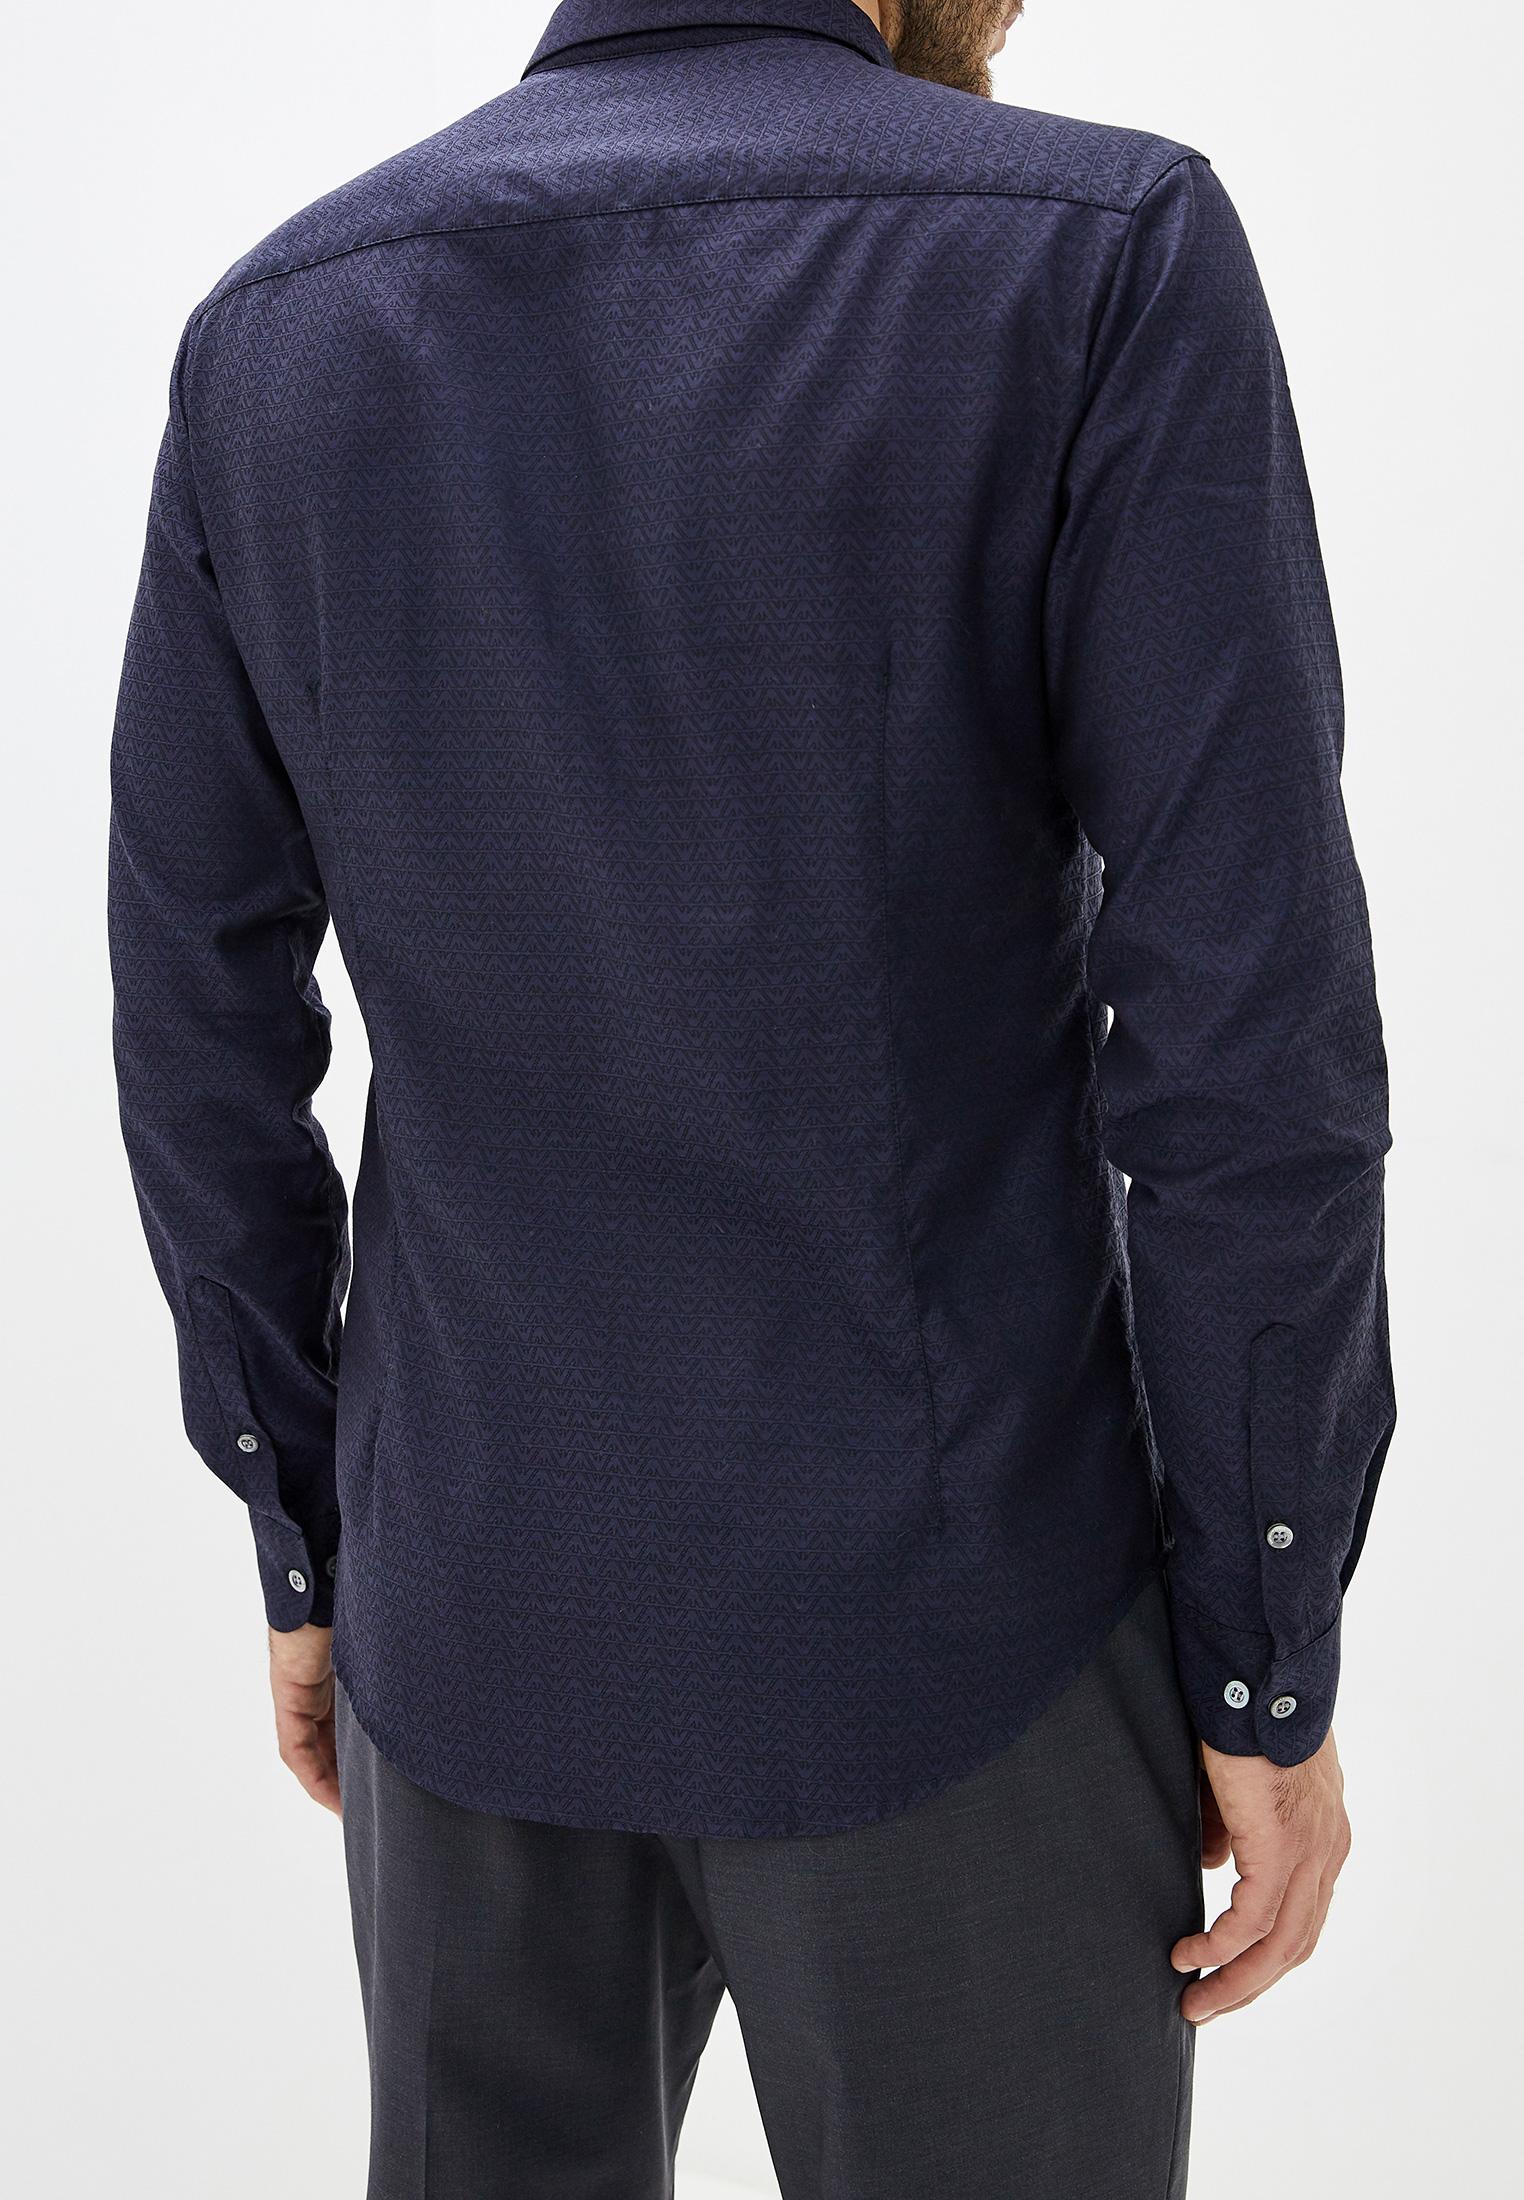 Рубашка с длинным рукавом Emporio Armani (Эмпорио Армани) 6G1C09 1N73Z: изображение 3